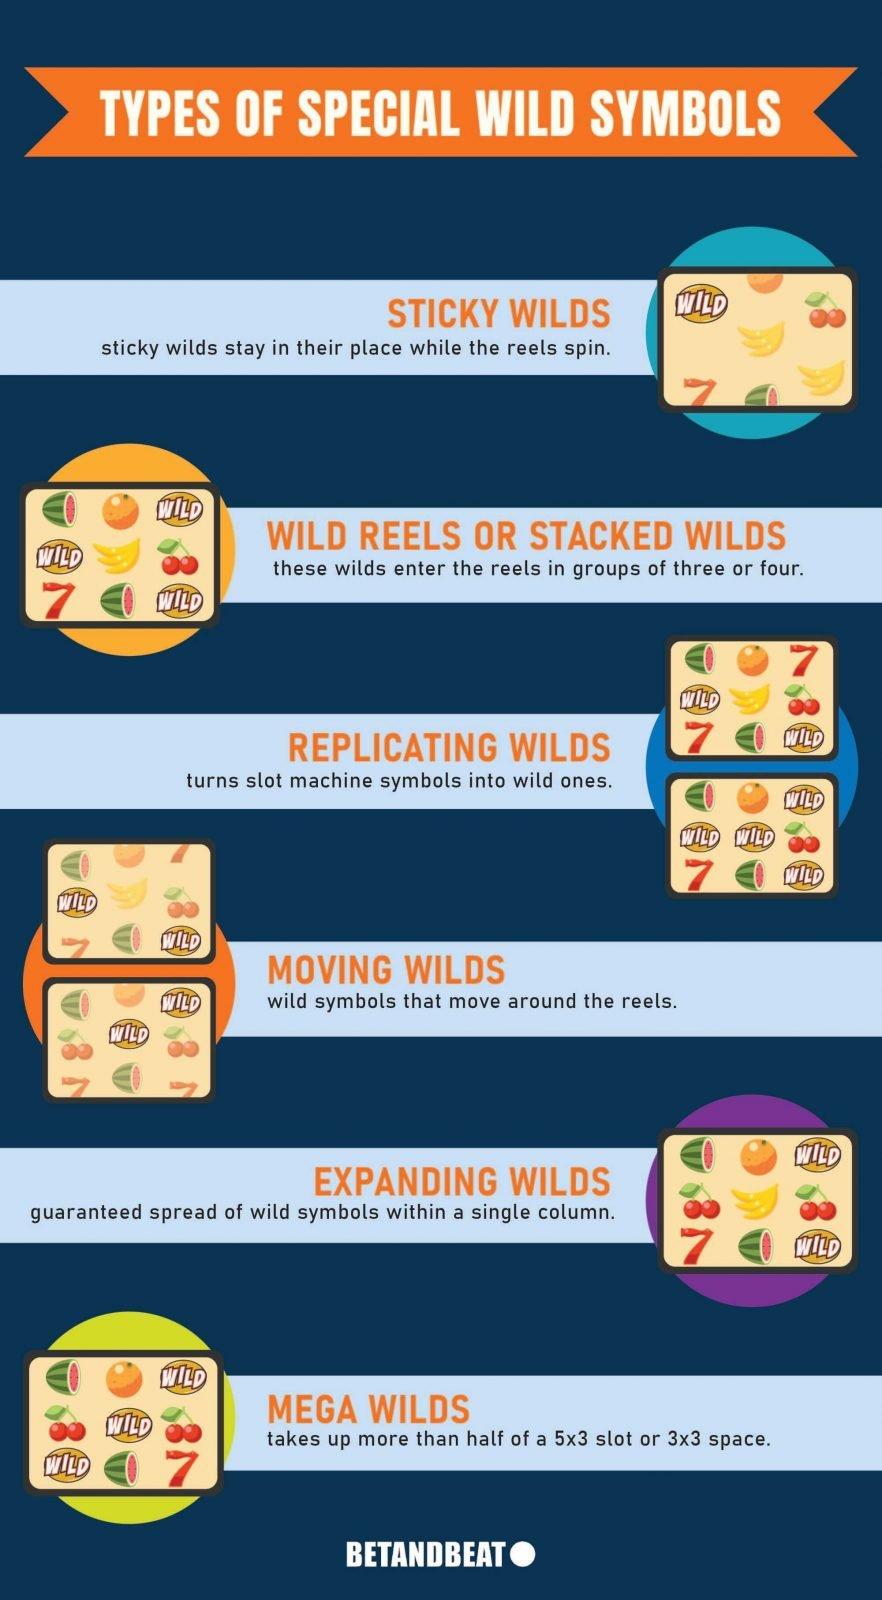 Infographic on types of wild symbols